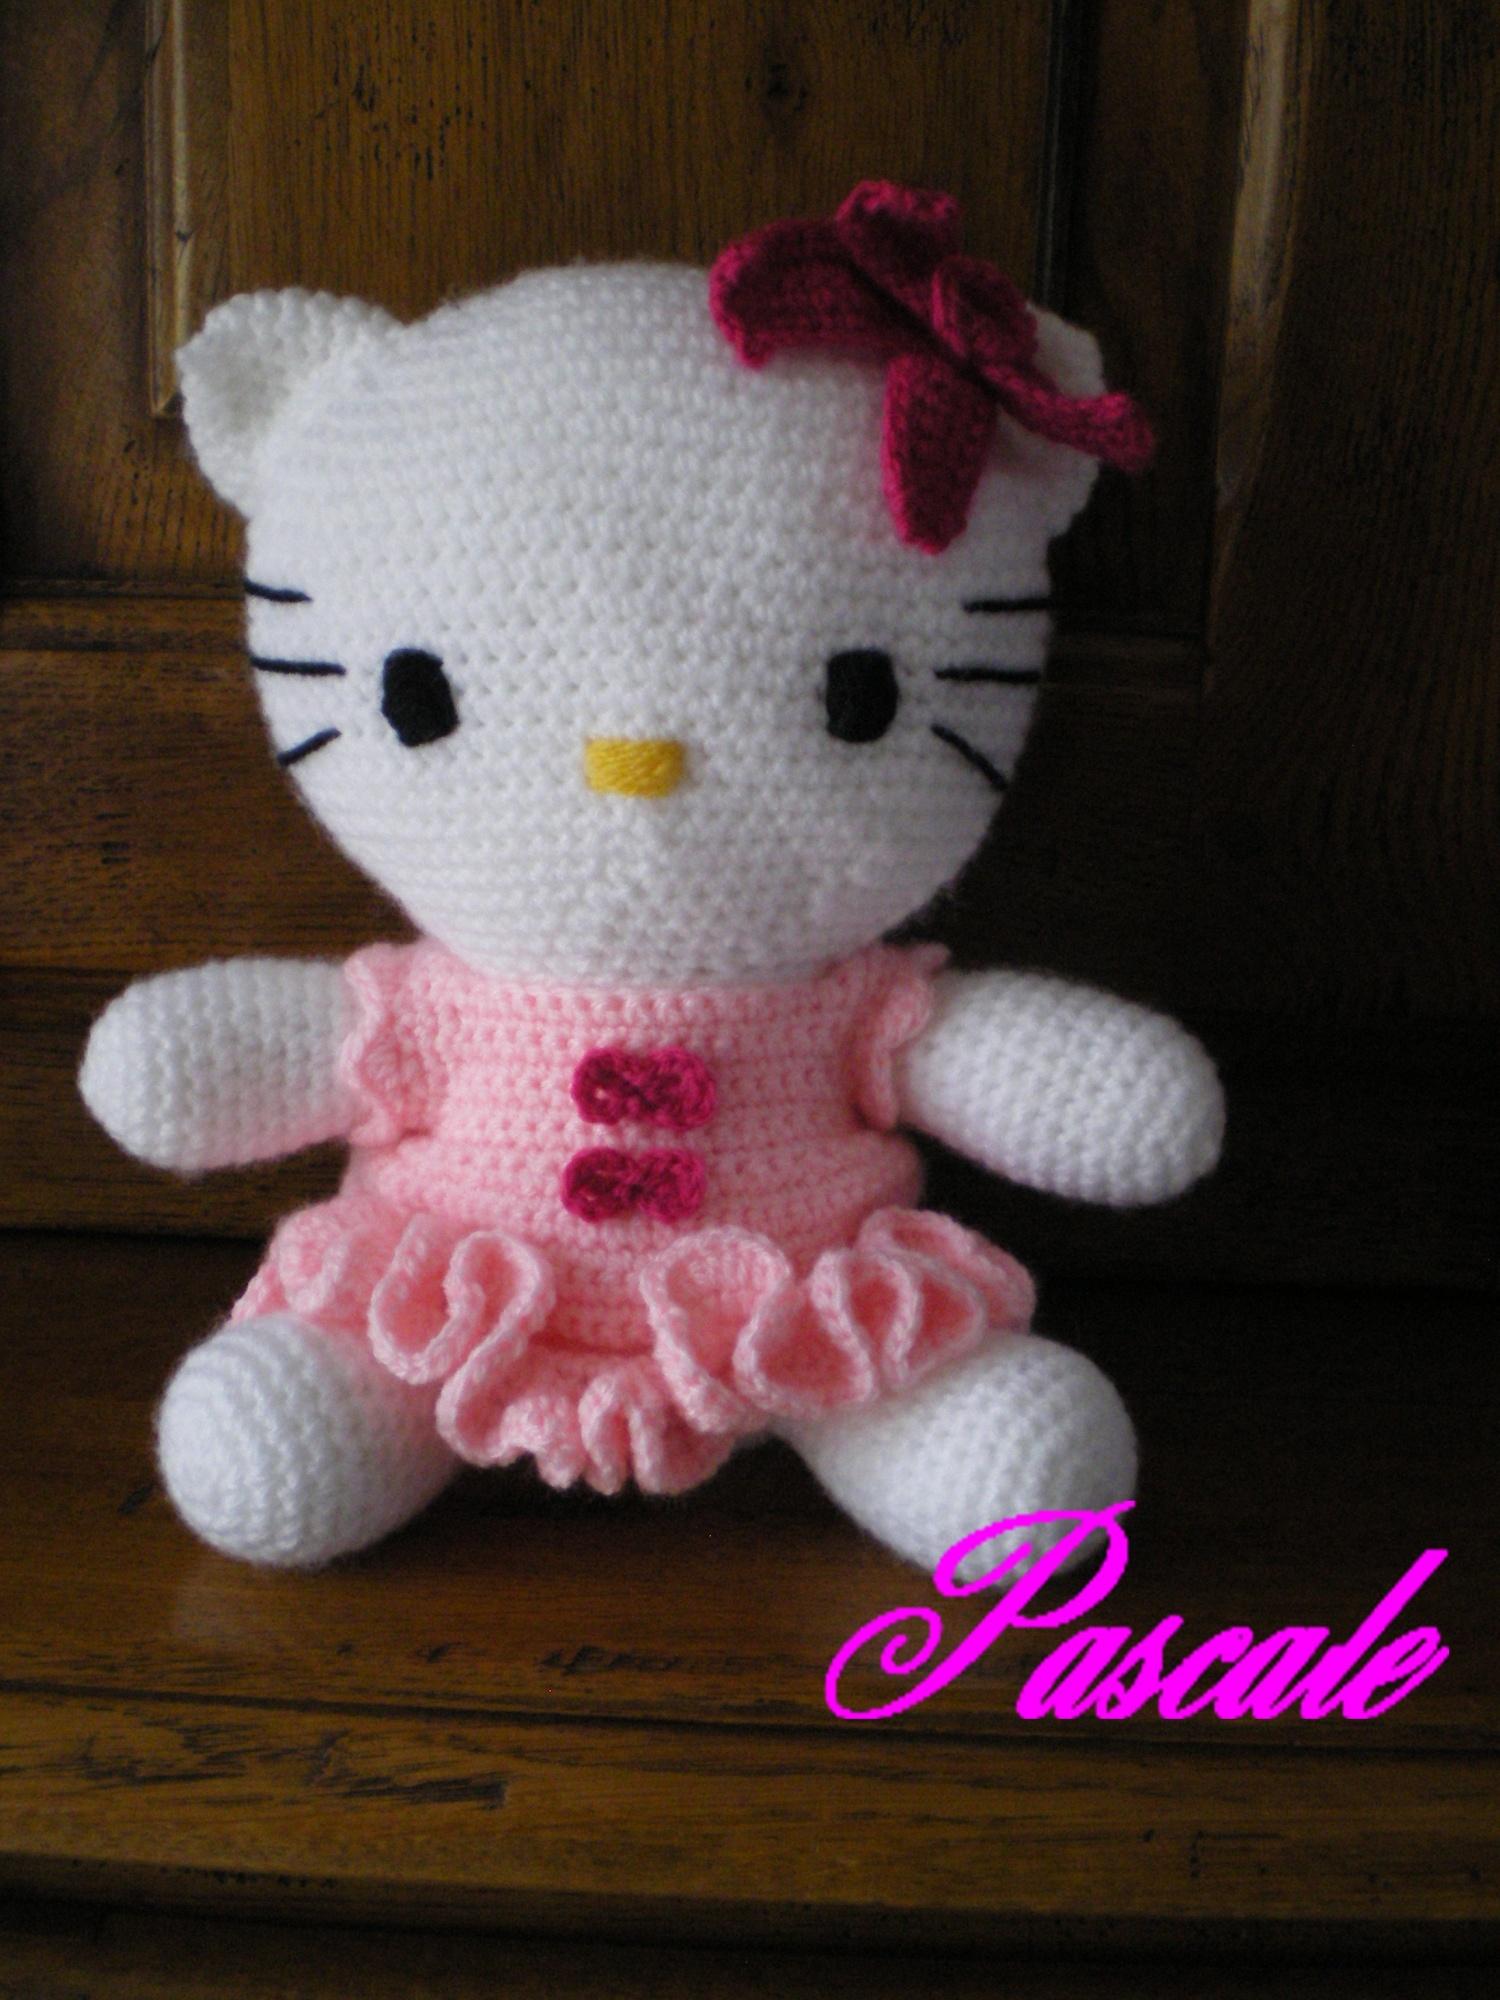 Realisations du forum le blue crochet le blog de mes passions - Modele hello kitty ...